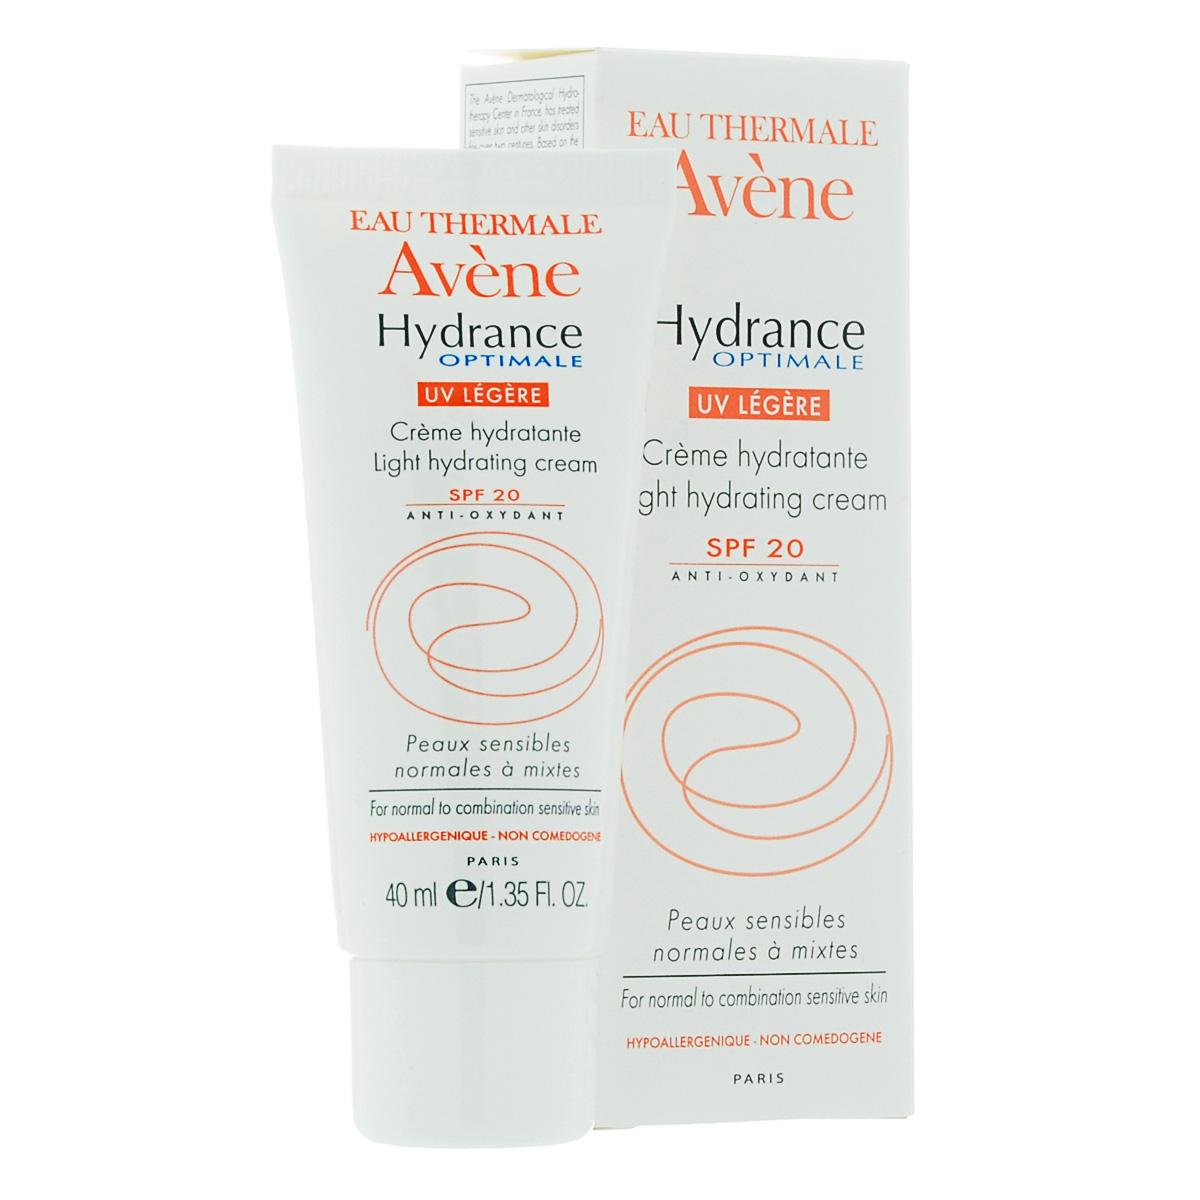 Avene Крем увлажняющий защищающий Hydrance ОПТИМАЛЬ UV20 ЛЕЖЕР для нормальной и смешанной кожи лица 40 млC20631Обеспечивает коже интенсивное и длительное увлажнение, защищает от УФ излучения, предотвращает естественное старение кожи, придает коже матовость. Для нормальной или смешанной чувствительной кожи